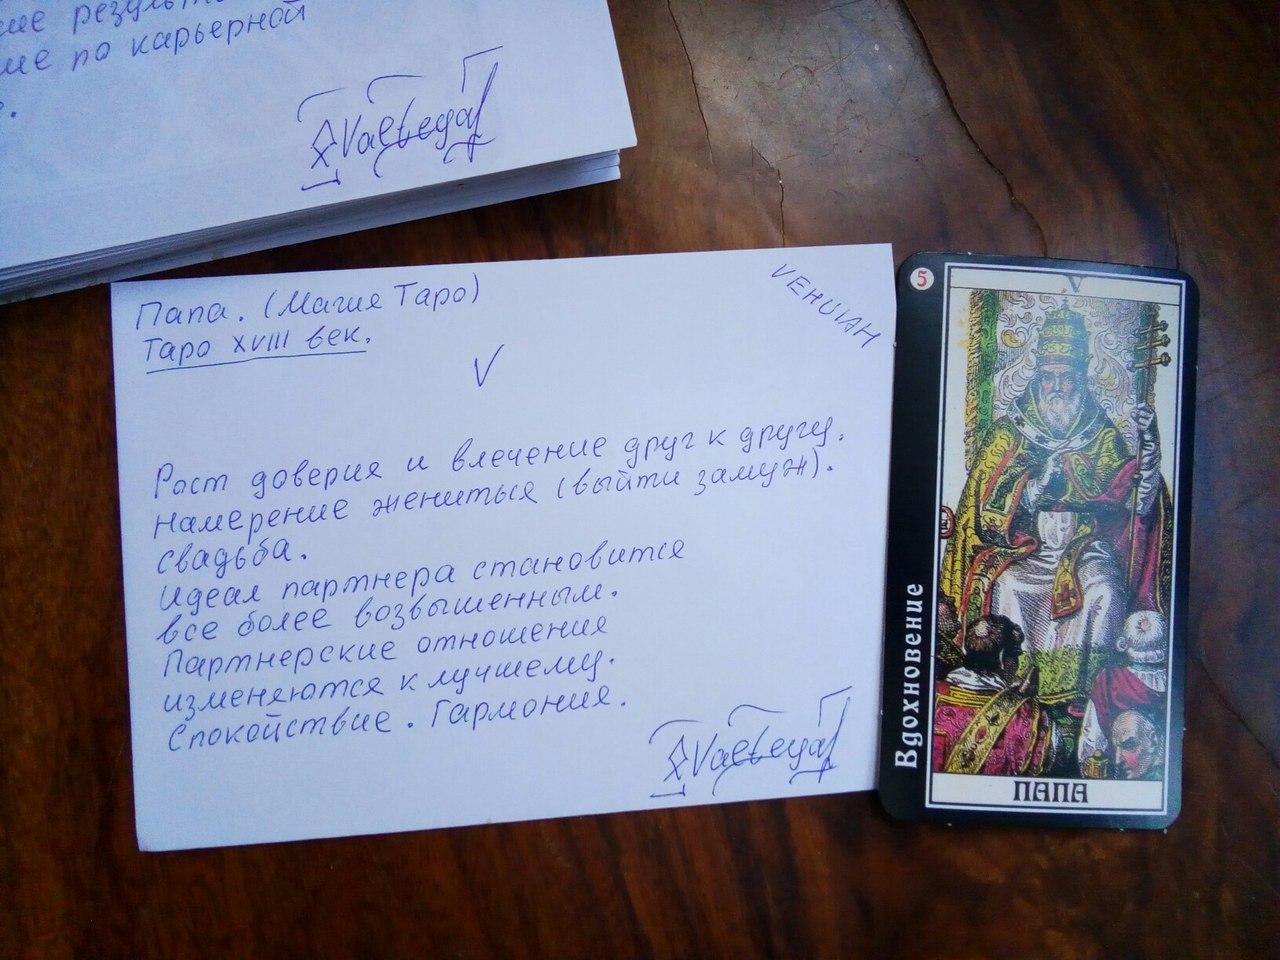 Рунограмма - Конверты с магическими программами от Елены Руденко. Ставы, символы, руническая магия.  - Страница 6 Ykzro6tq6D4